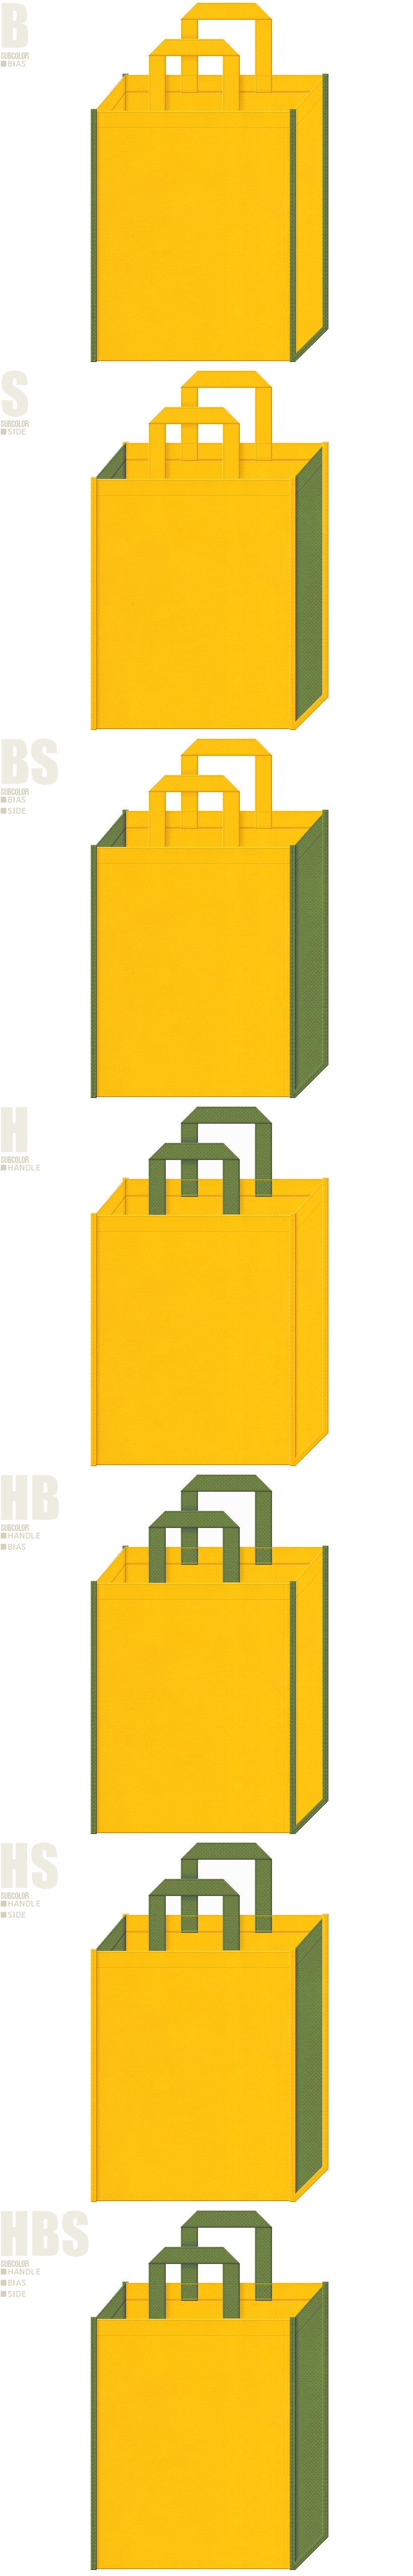 和菓子のショッピングバッグにお奨めの、黄色と草色、7パターンの不織布バッグ配色デザイン。栗と抹茶のイメージ。